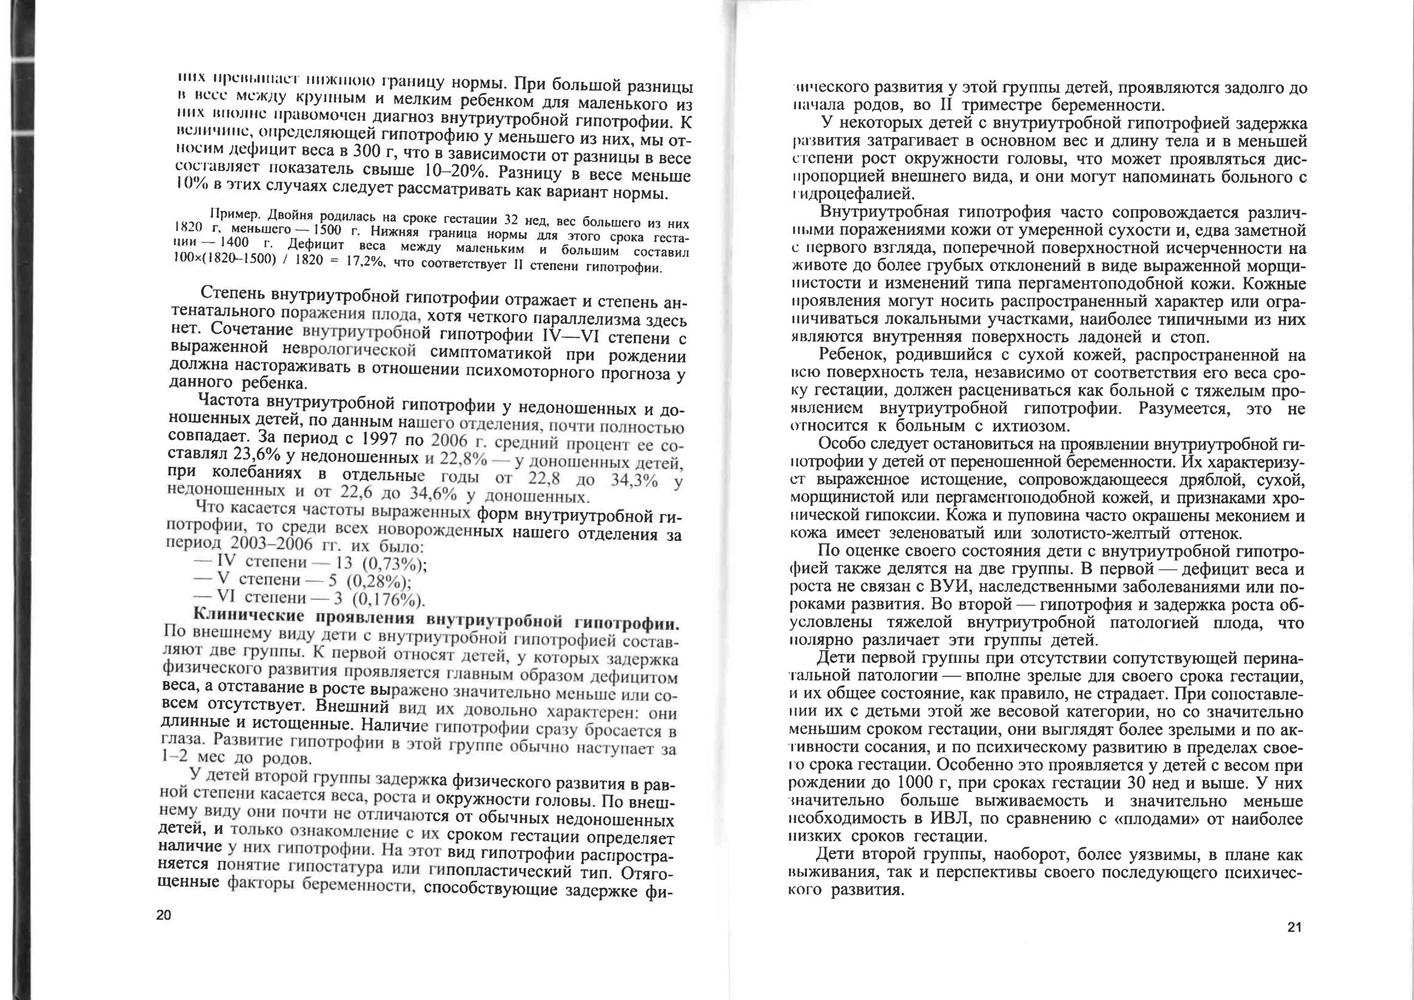 http://ipic.su/img/img7/fs/Hazanov-Klinicheskayaneonatologiya_011.1591517398.jpg